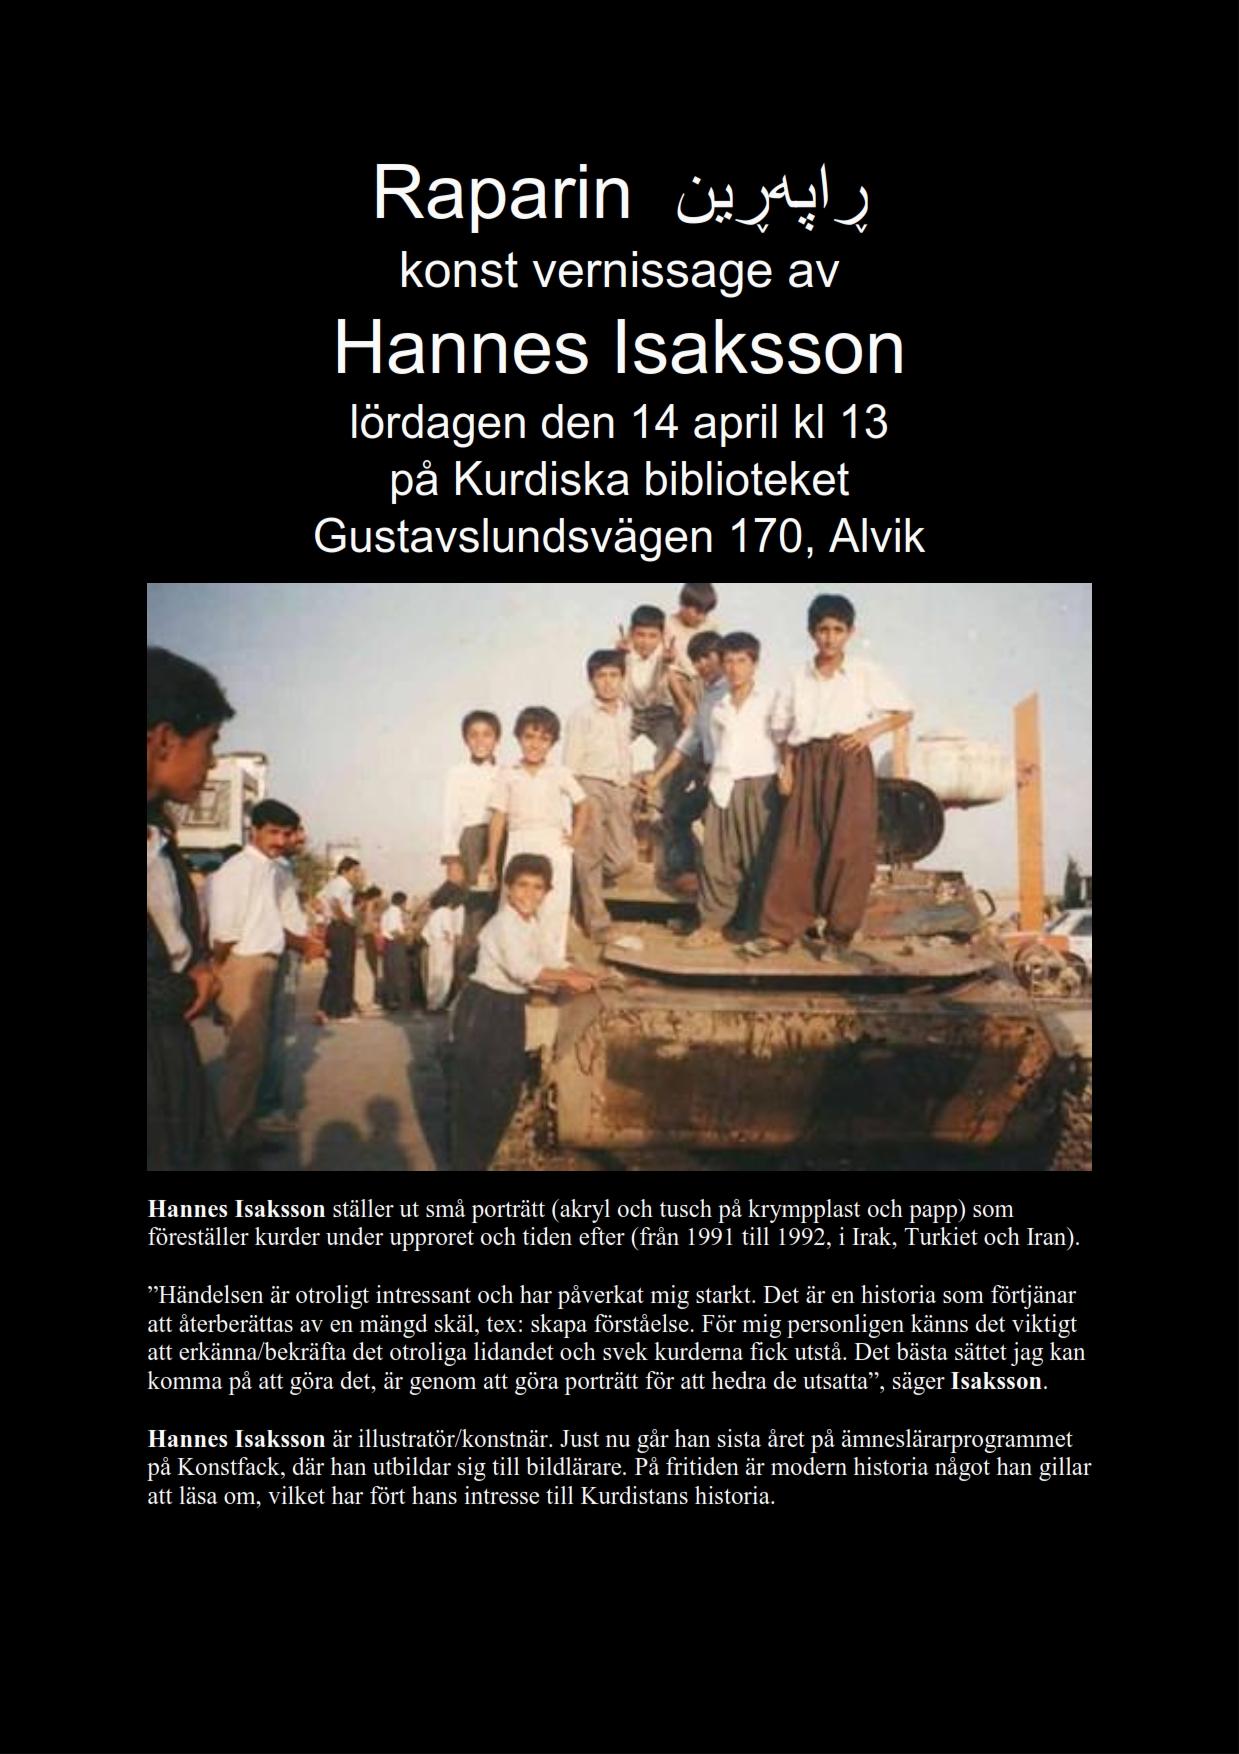 Vekirina Pêşangeha Wêneyên Raperînê ya Hunermendê Swêdî Hannes Isaksson